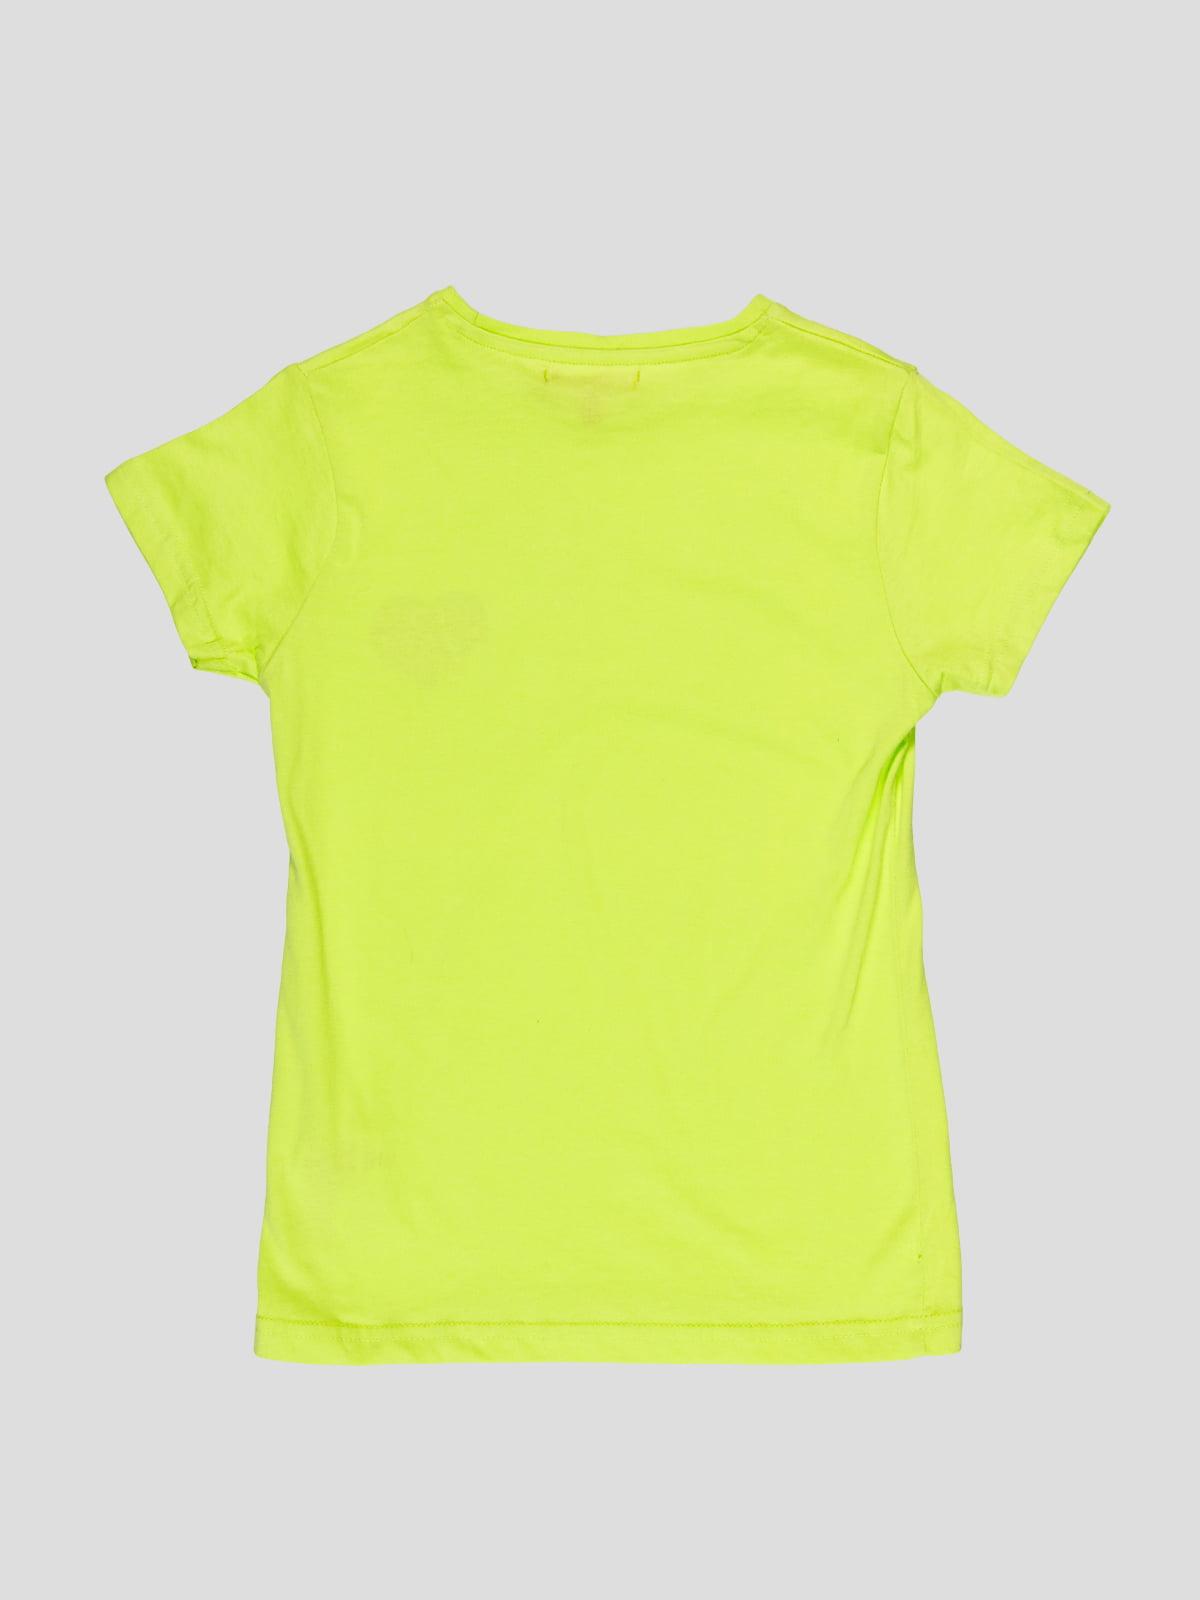 Футболка світло-зелена з принтом | 4959301 | фото 2